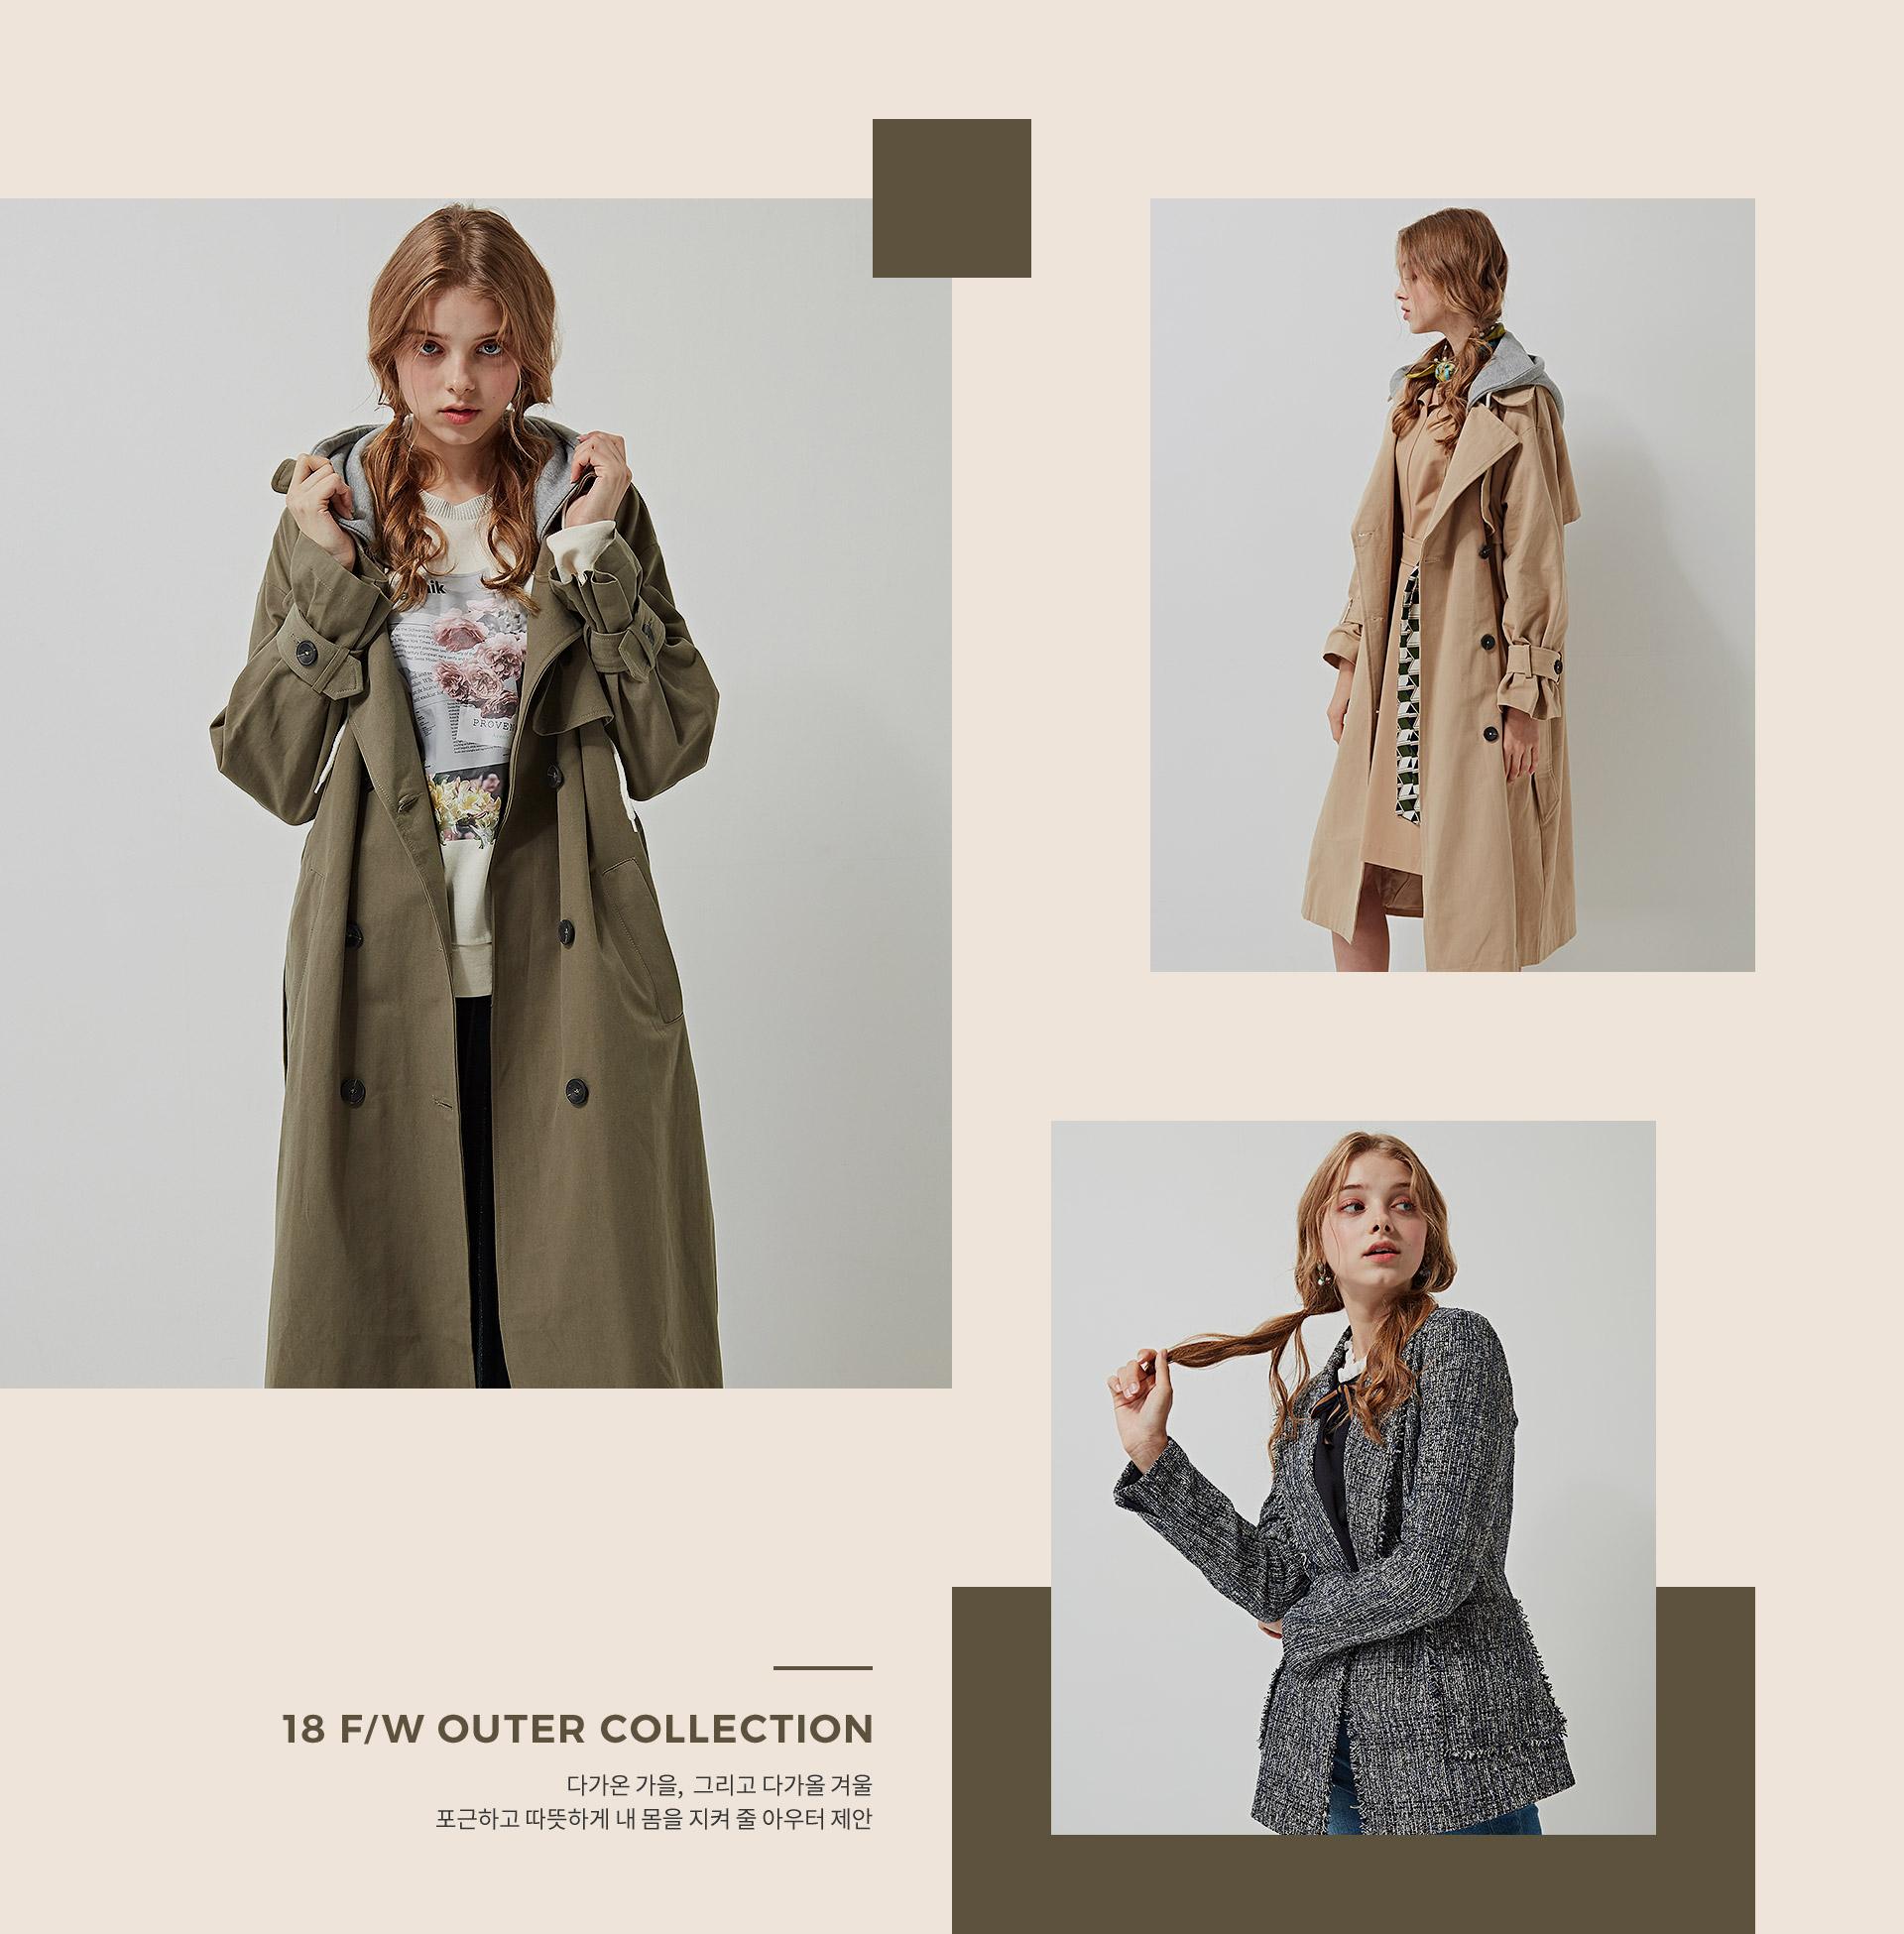 18/FW outer collection,다가온 가을, 그리고 다가올 겨울, 포근하고 따뜻하고 내몸을 지켜줄 아우터 제안